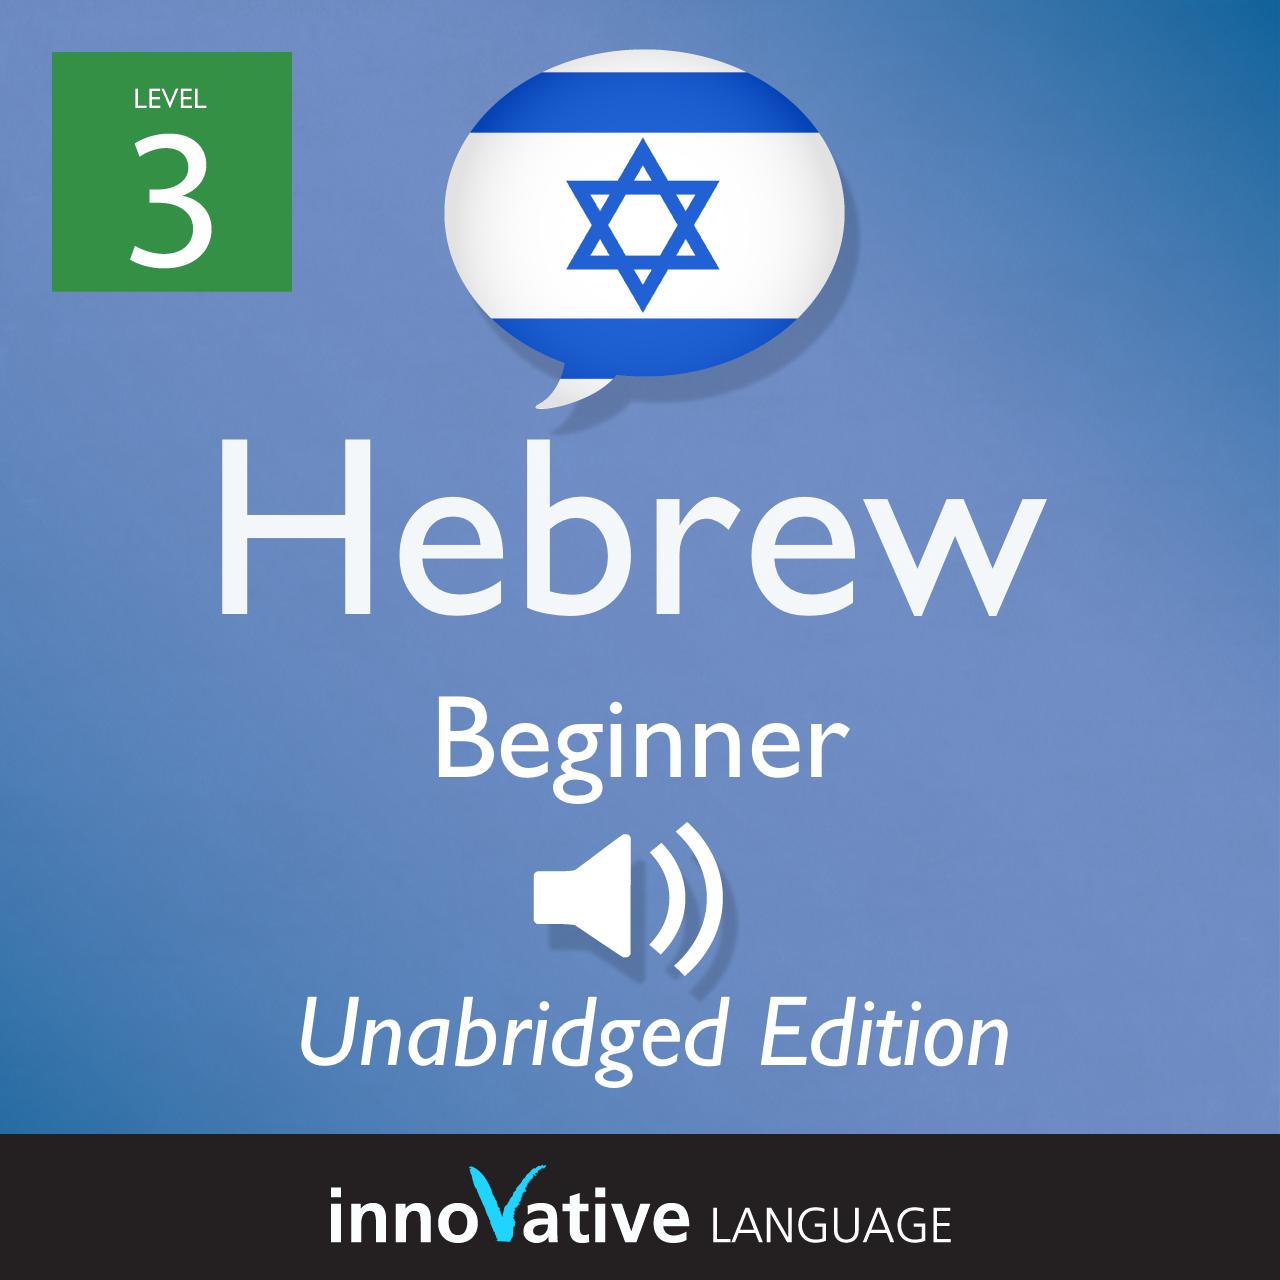 Level Beginner: Level 3: Beginner Hebrew, Volume 1